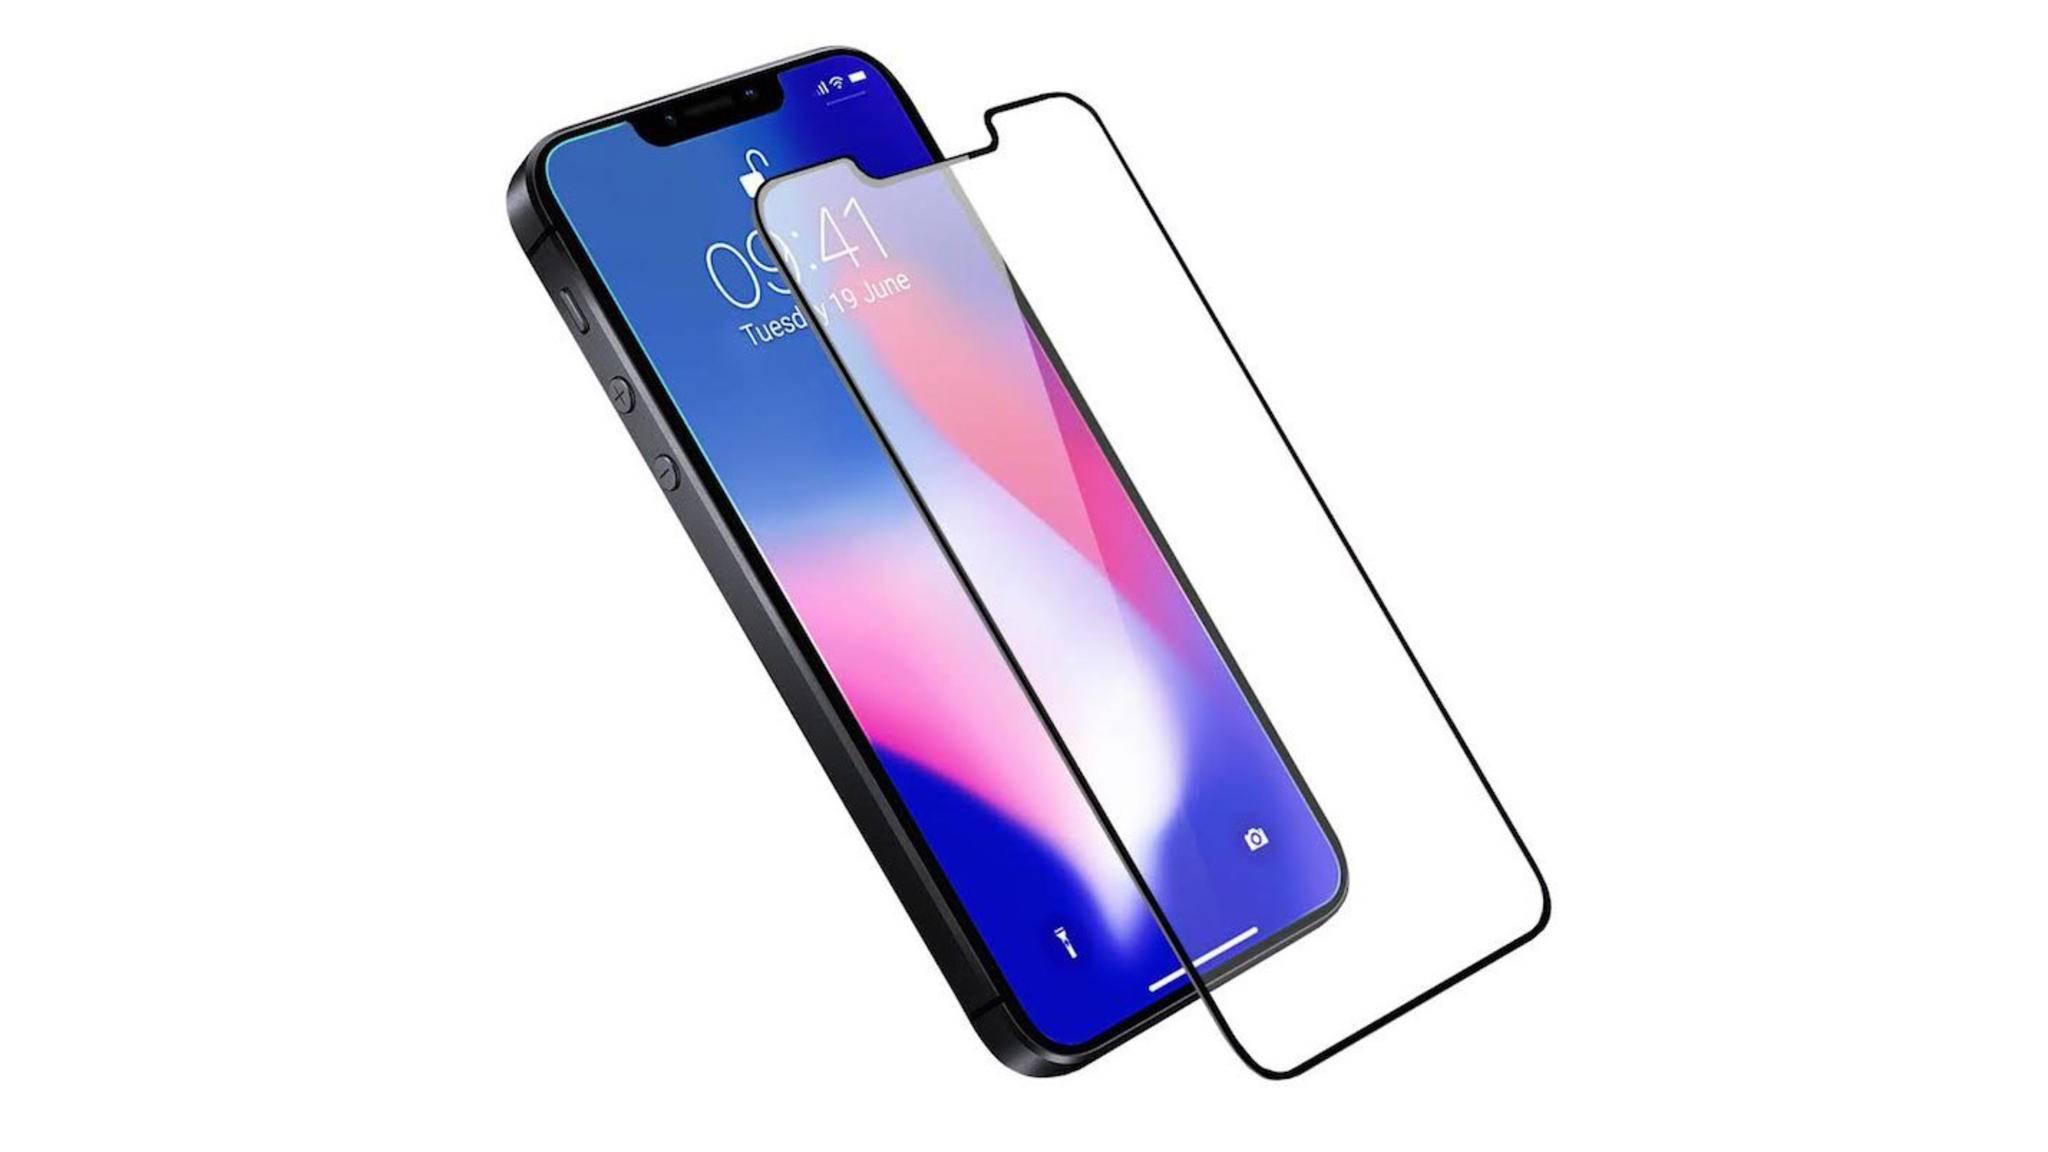 Mit Notch, aber ohne Home-Button und Face ID: So soll das iPhone SE 2 laut Zubehör-Hersteller aussehen.